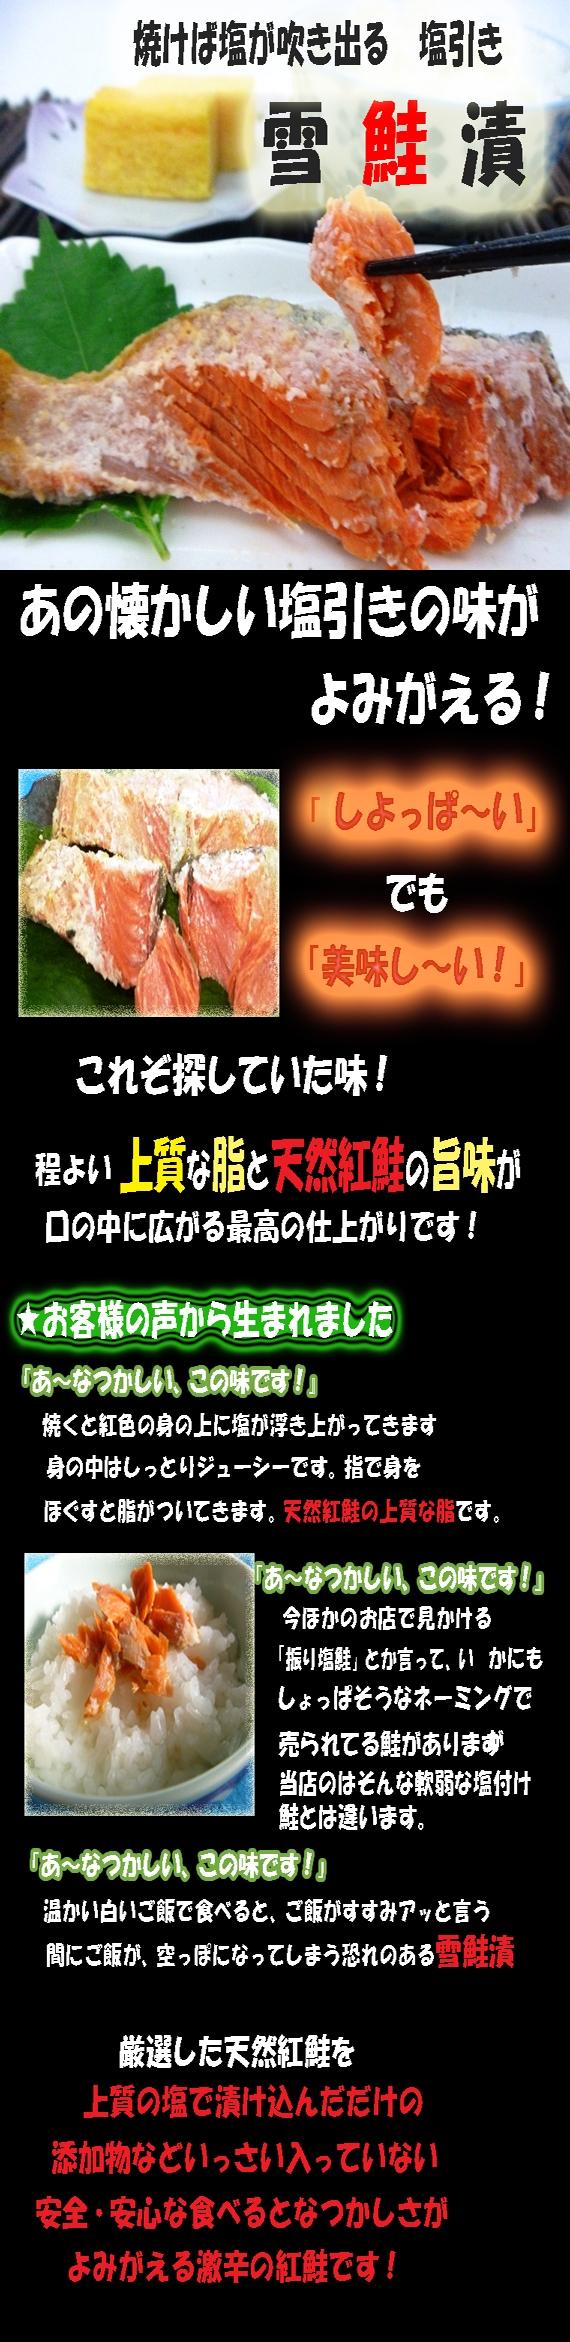 ★催事で人気のご飯が進む詰め合わせ「雪鮭漬」「いか塩辛」「本ぶりの黒豆麹味噌漬」